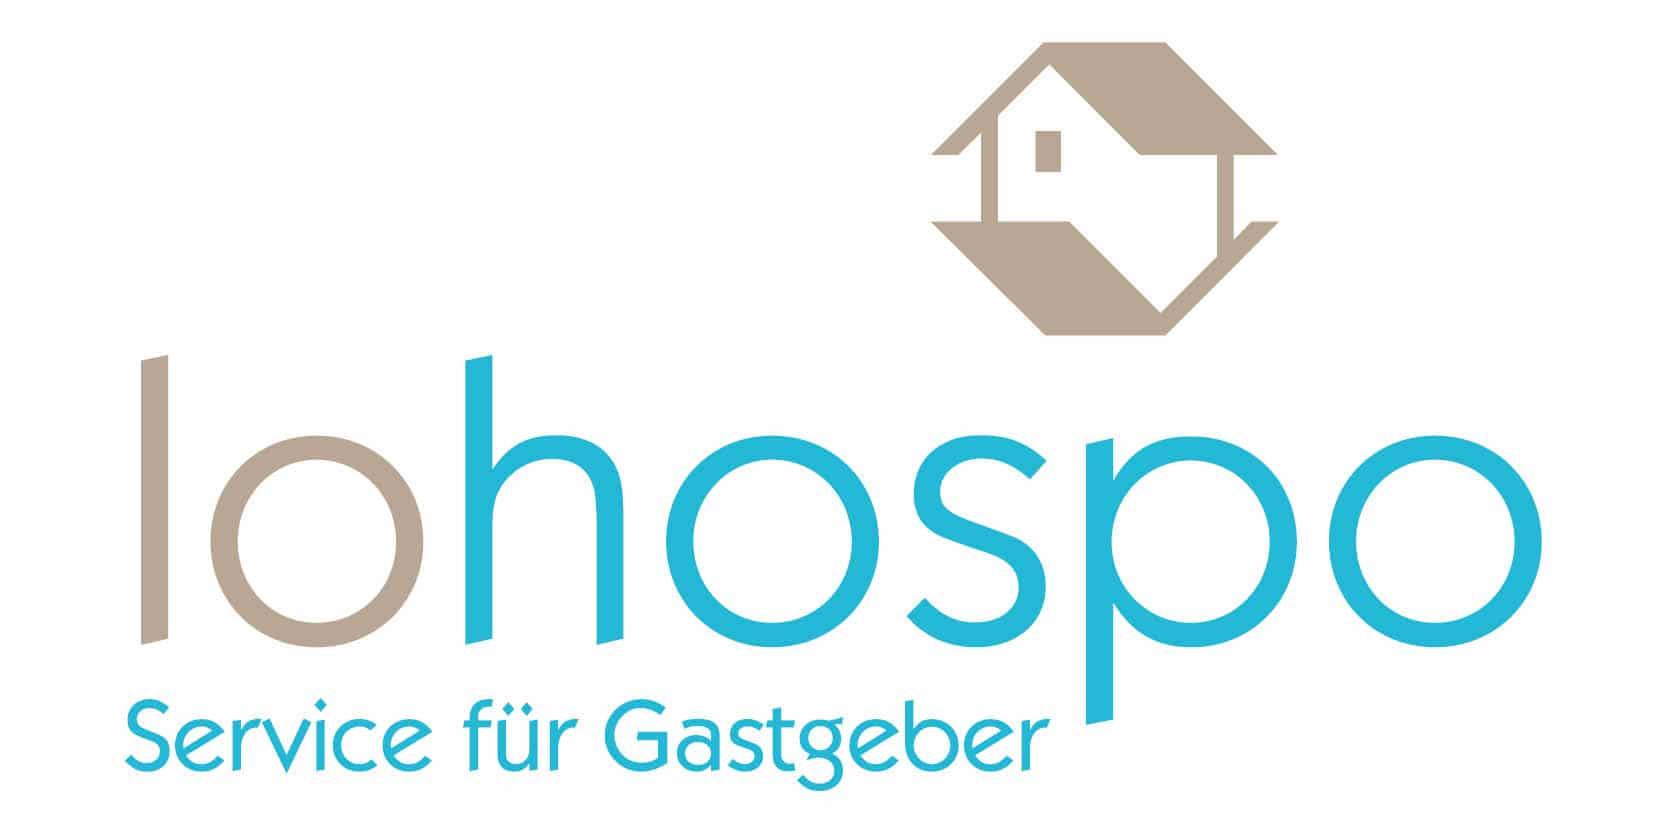 lOGO Lohospo Vertrieb für Ferienunterkünfte und Destinations